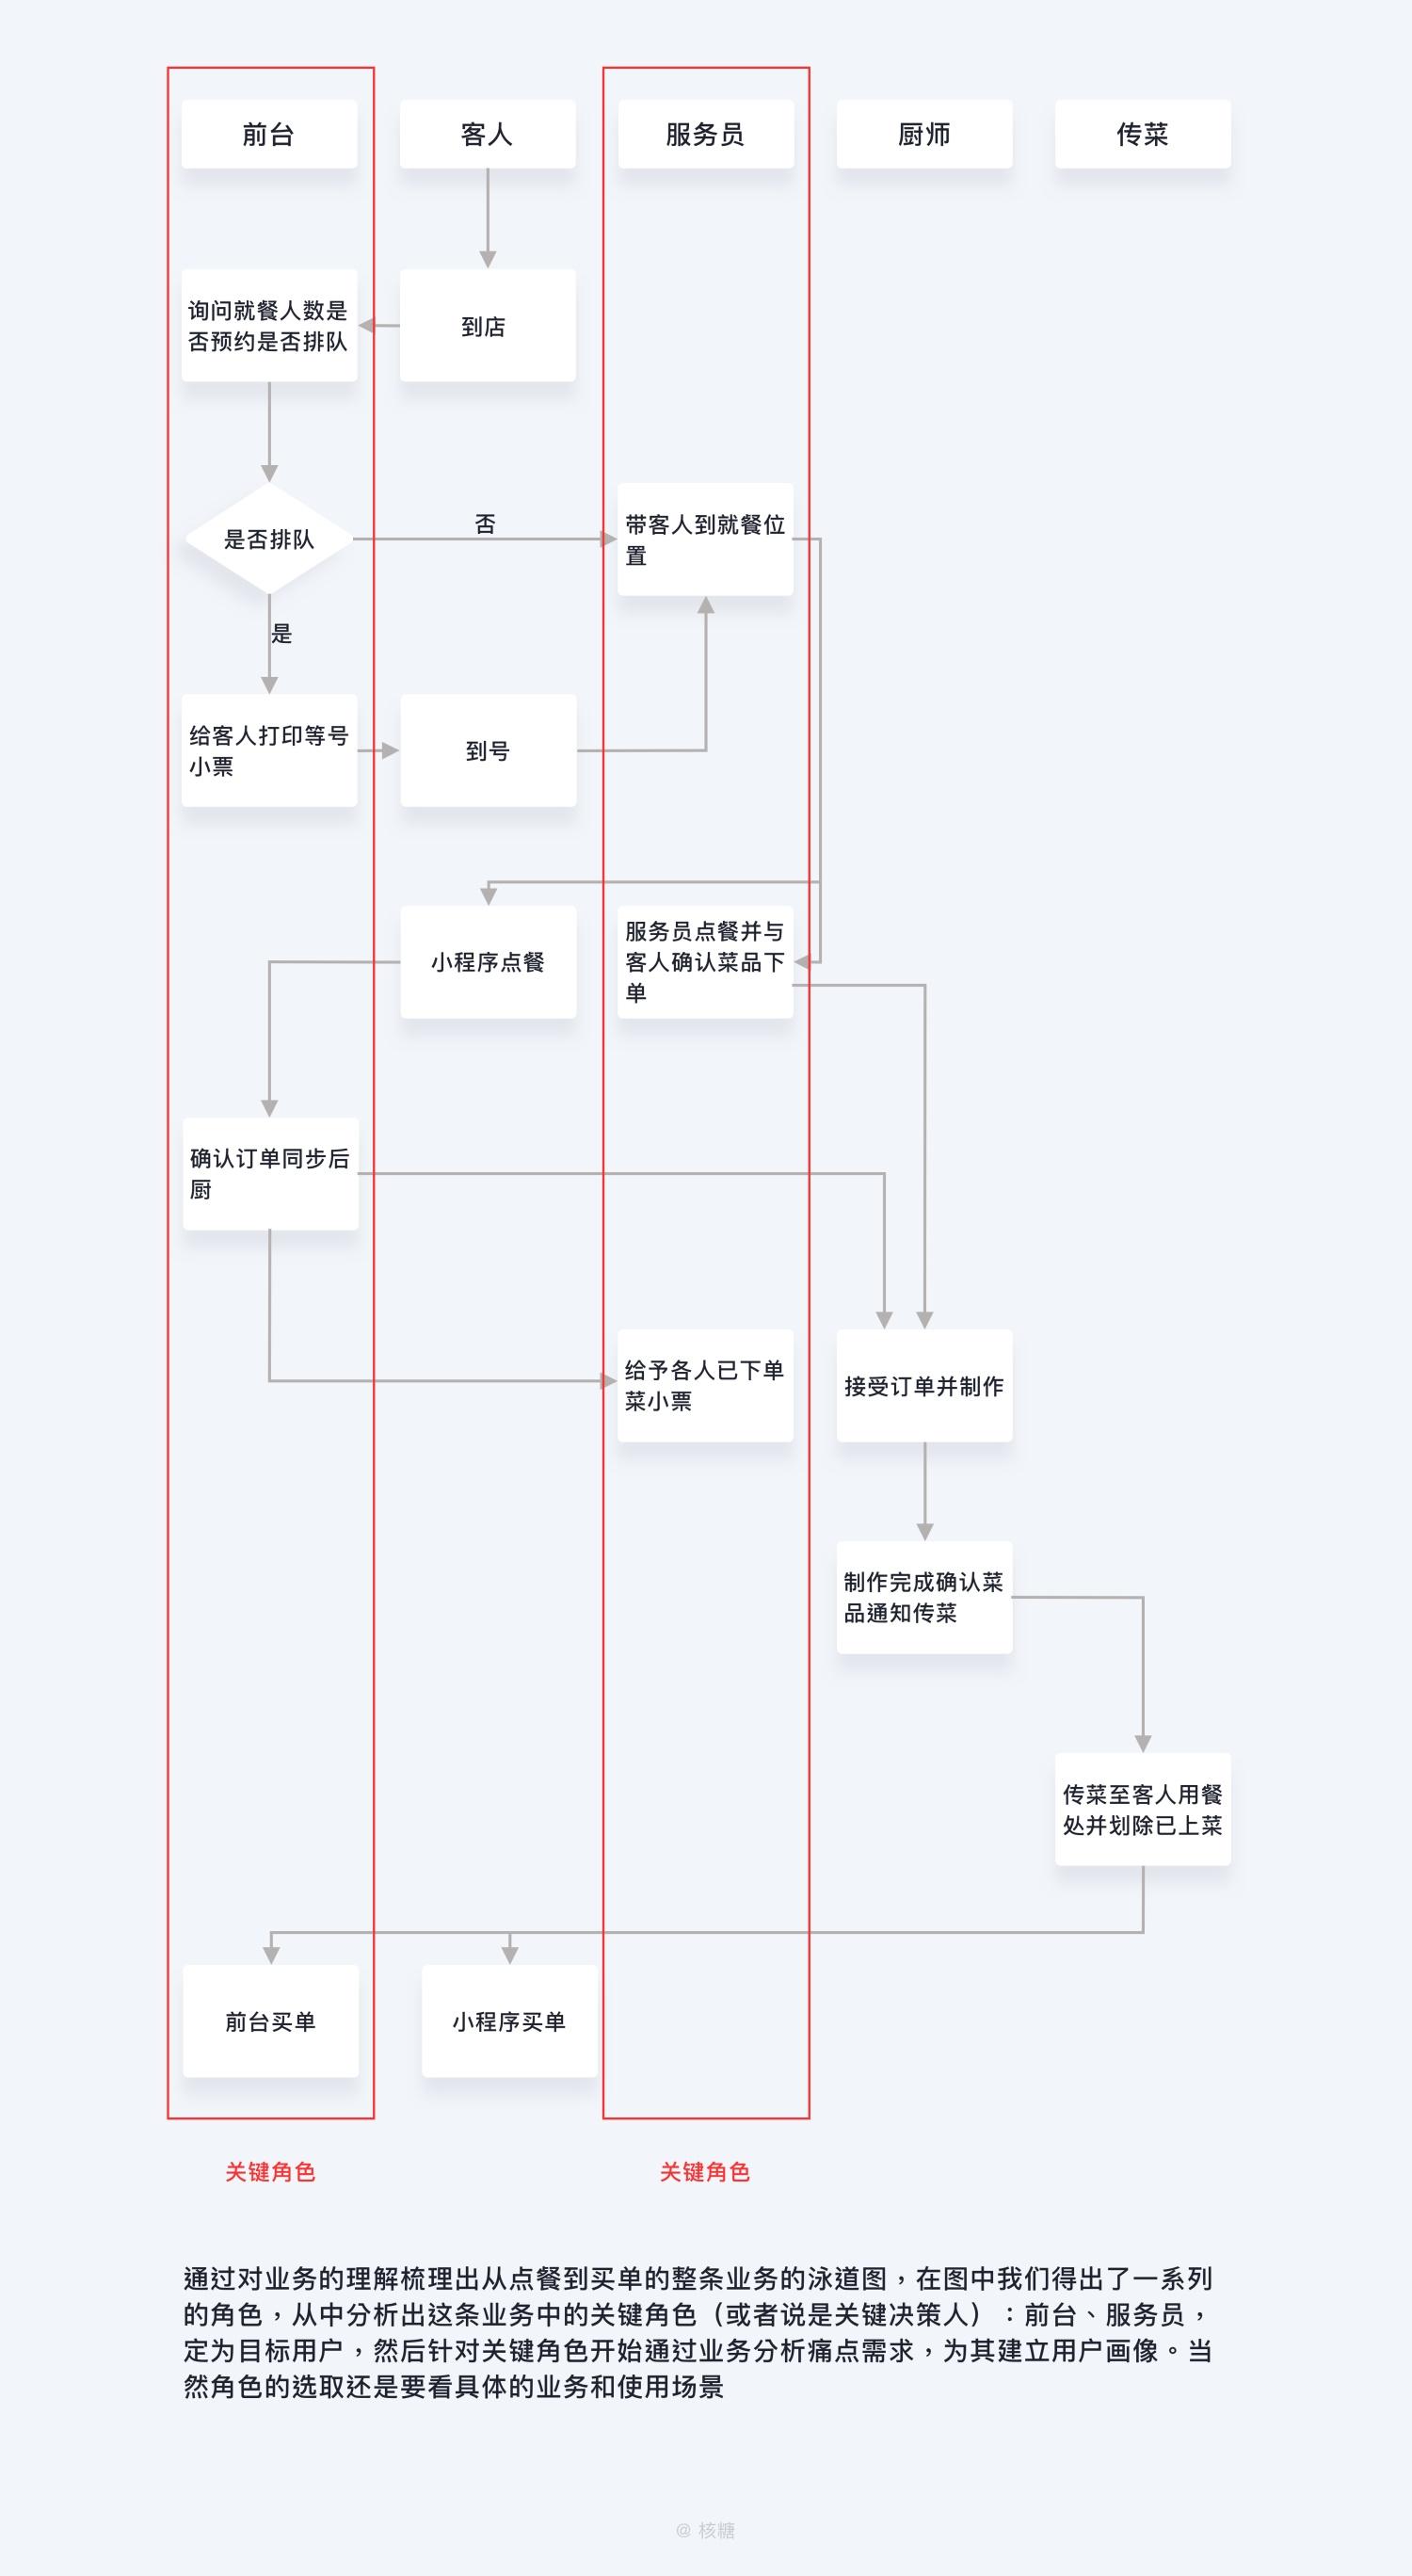 万字干货!深度解析「B端用户画像」的特征和建立方法